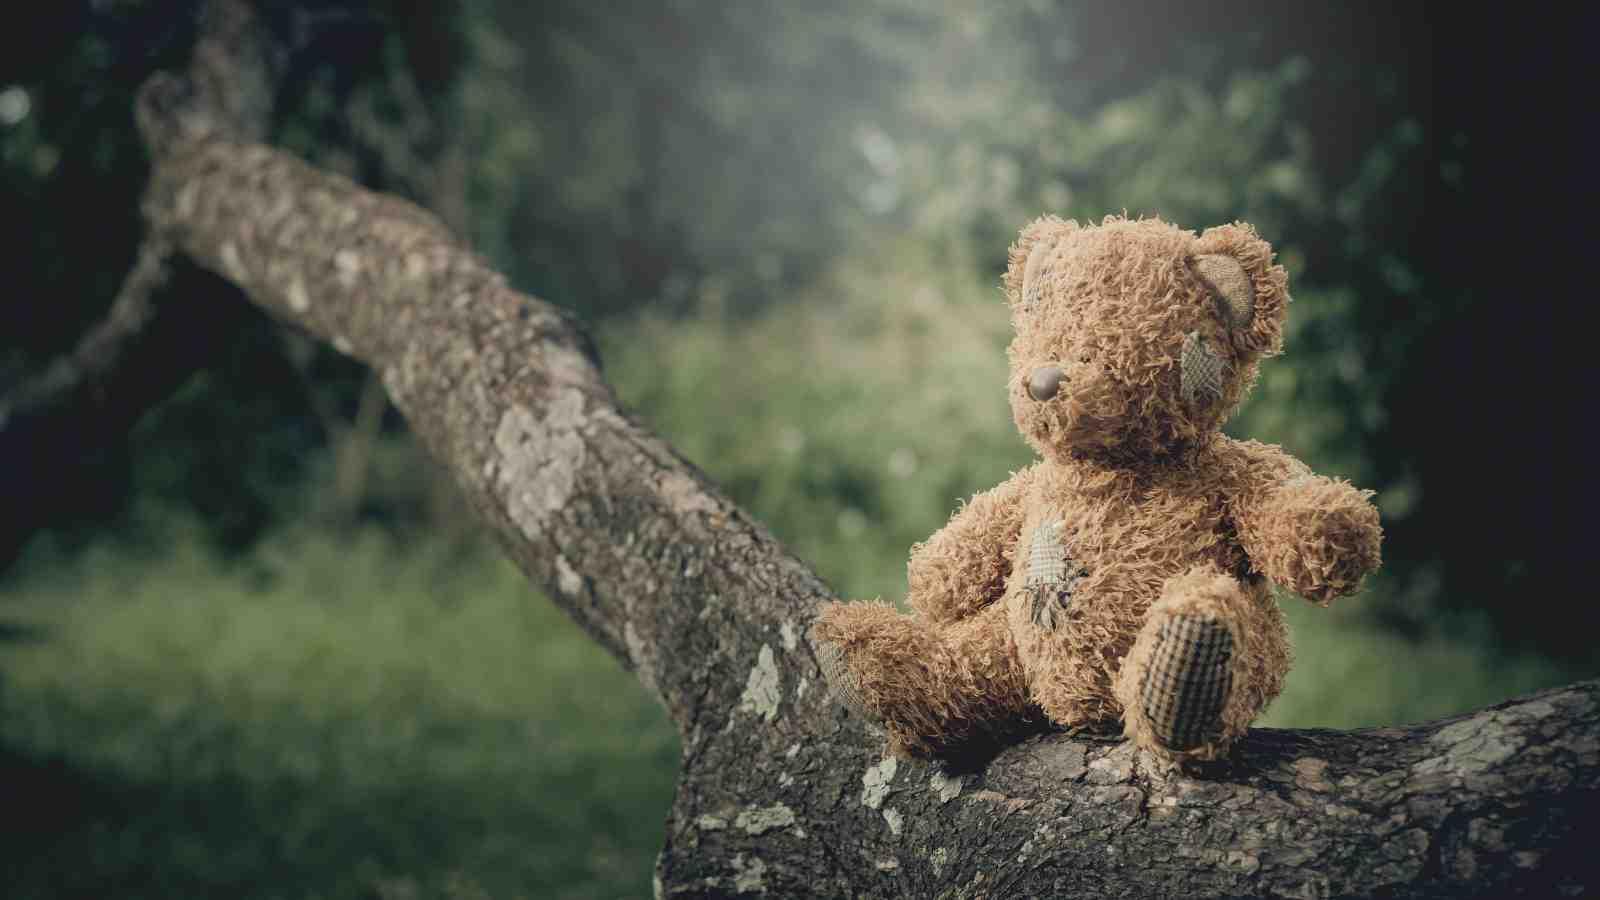 Teddy bear sitting on a tree branch